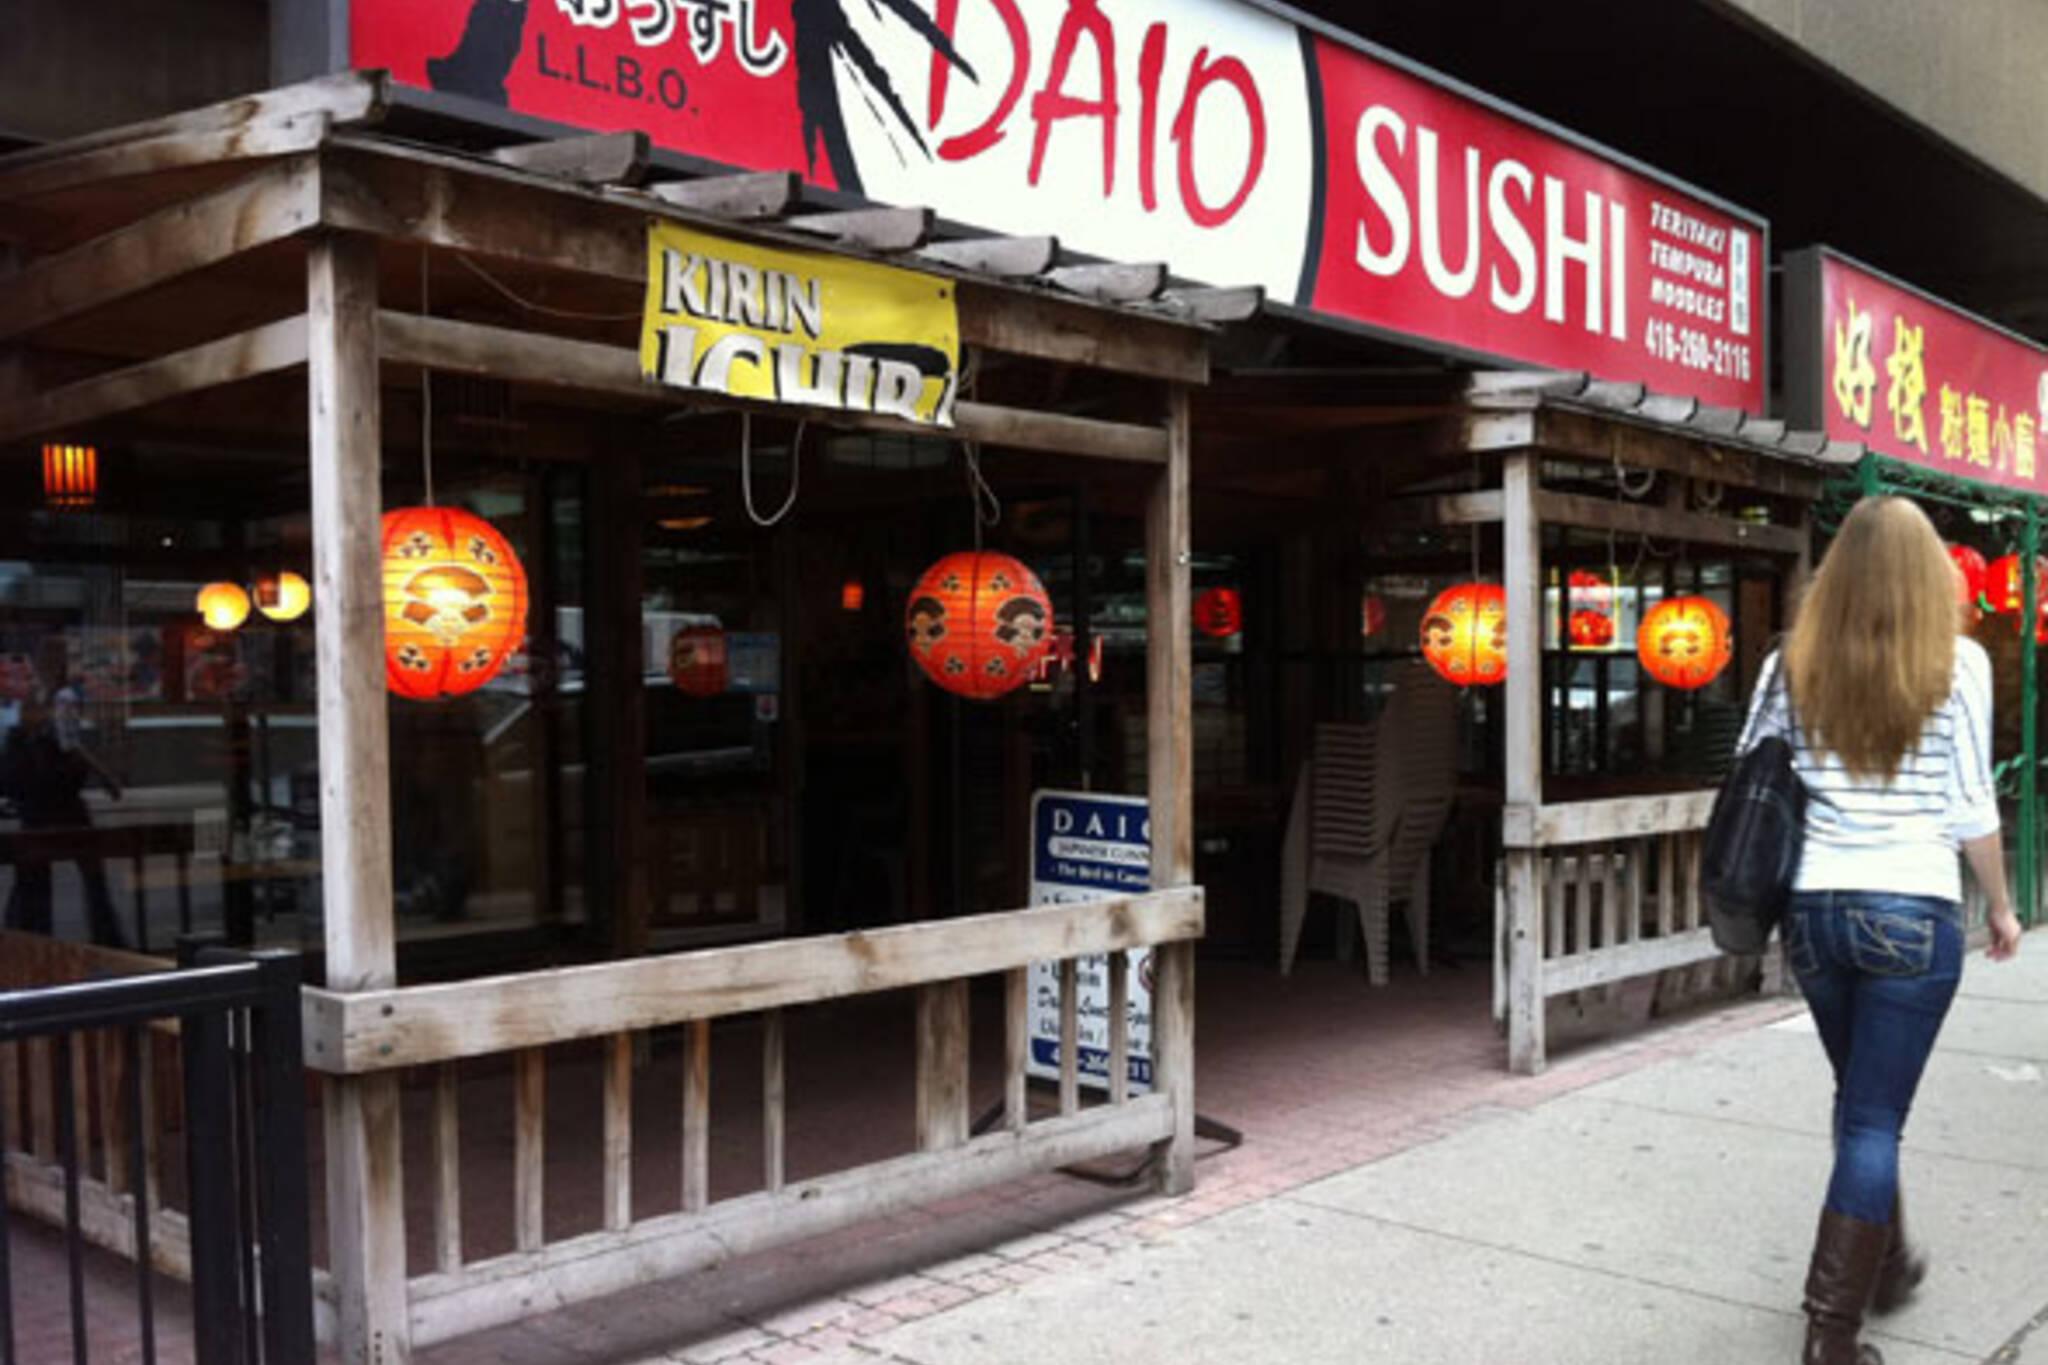 Daio Sushi Toronto